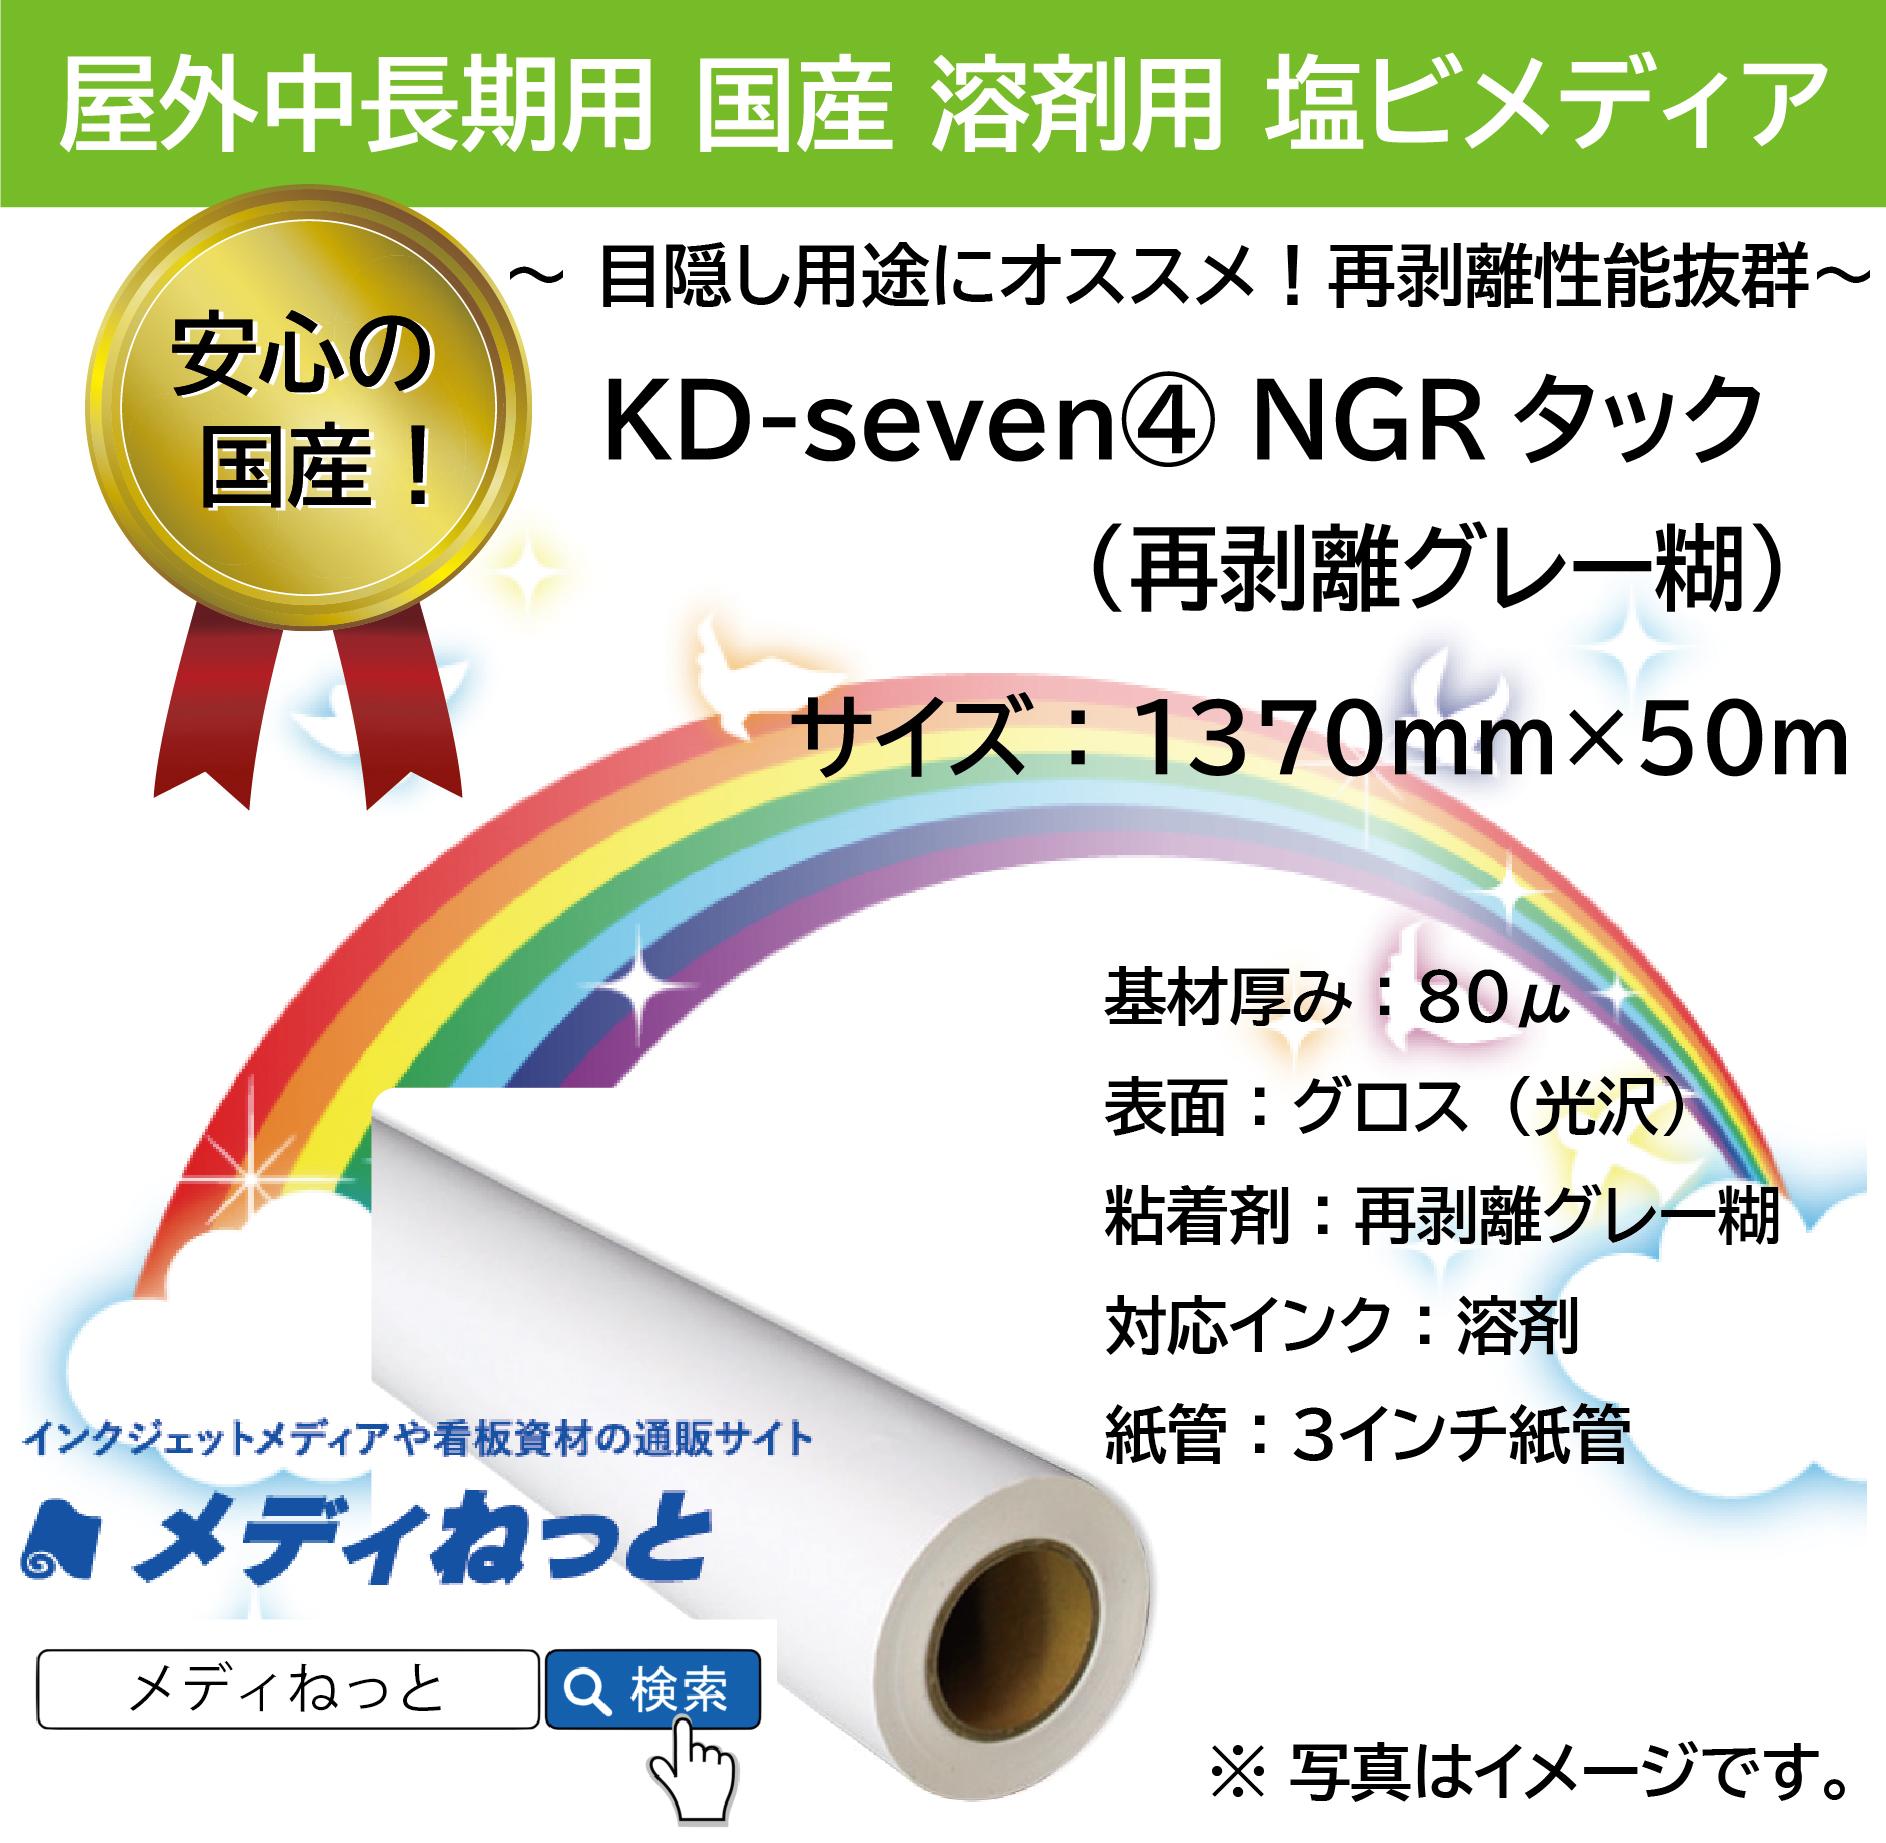 【目隠しにオススメ!】国産中長期グロス塩ビ(再剥離グレー糊) KD-seven4 NGRタック 1370mm×50m